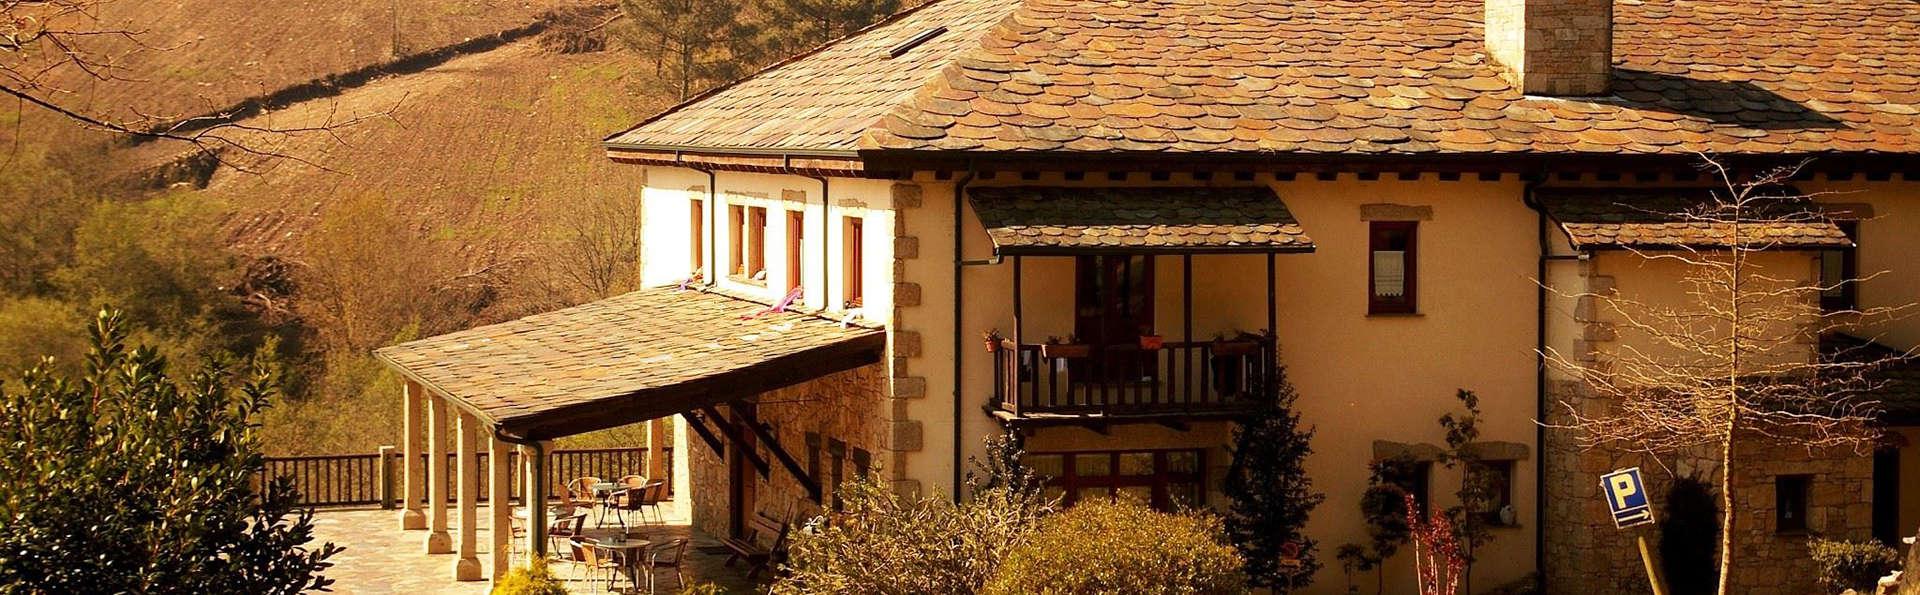 Hotel Balneario Oca Rio Pambre - edit_front893.jpg